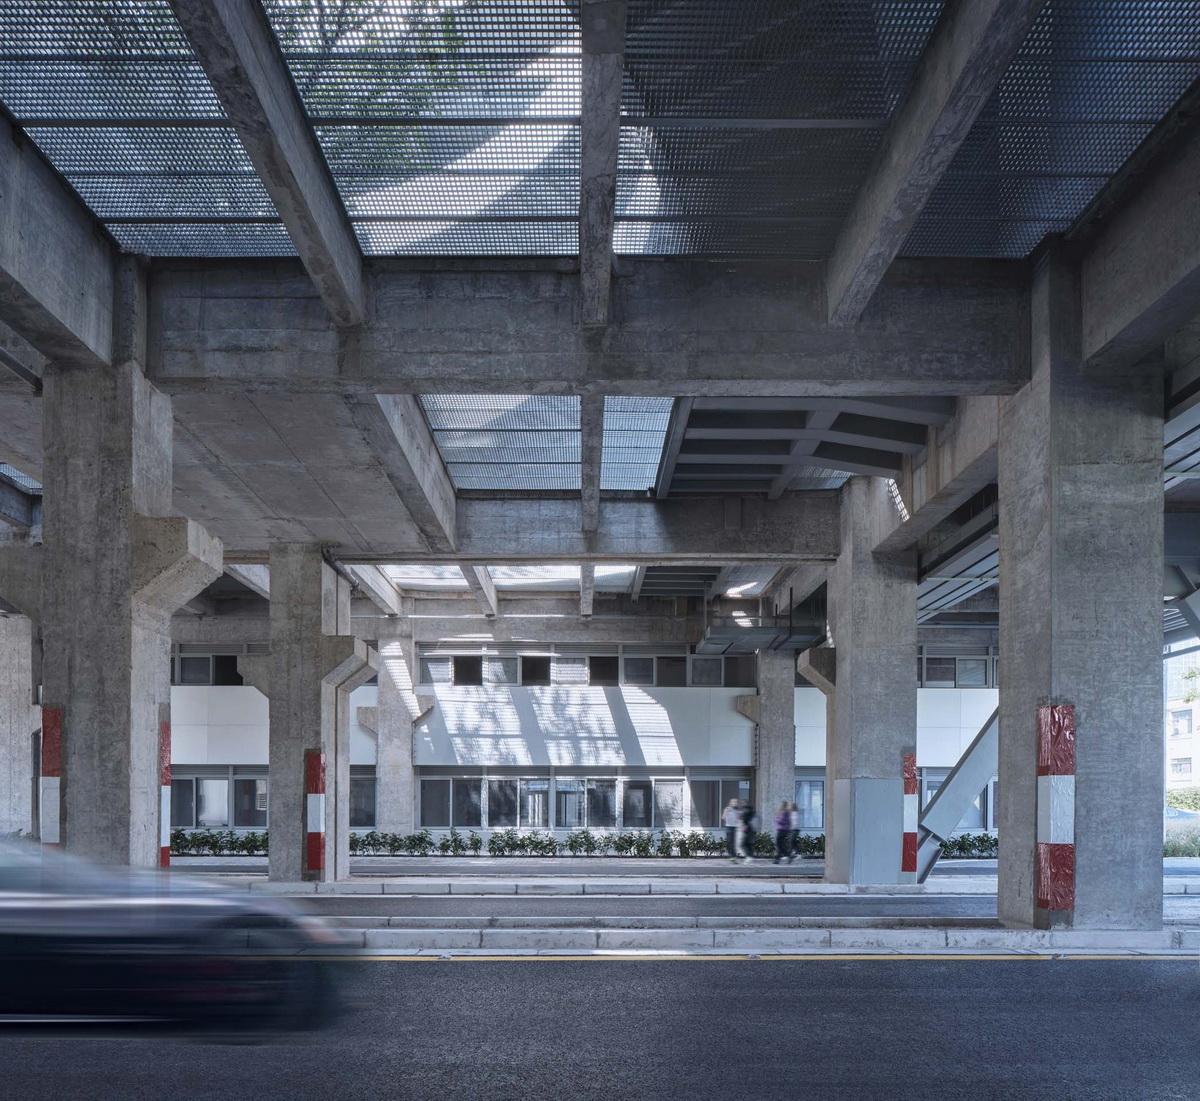 e1 _机动车道穿越建筑底层_调整大小.jpg